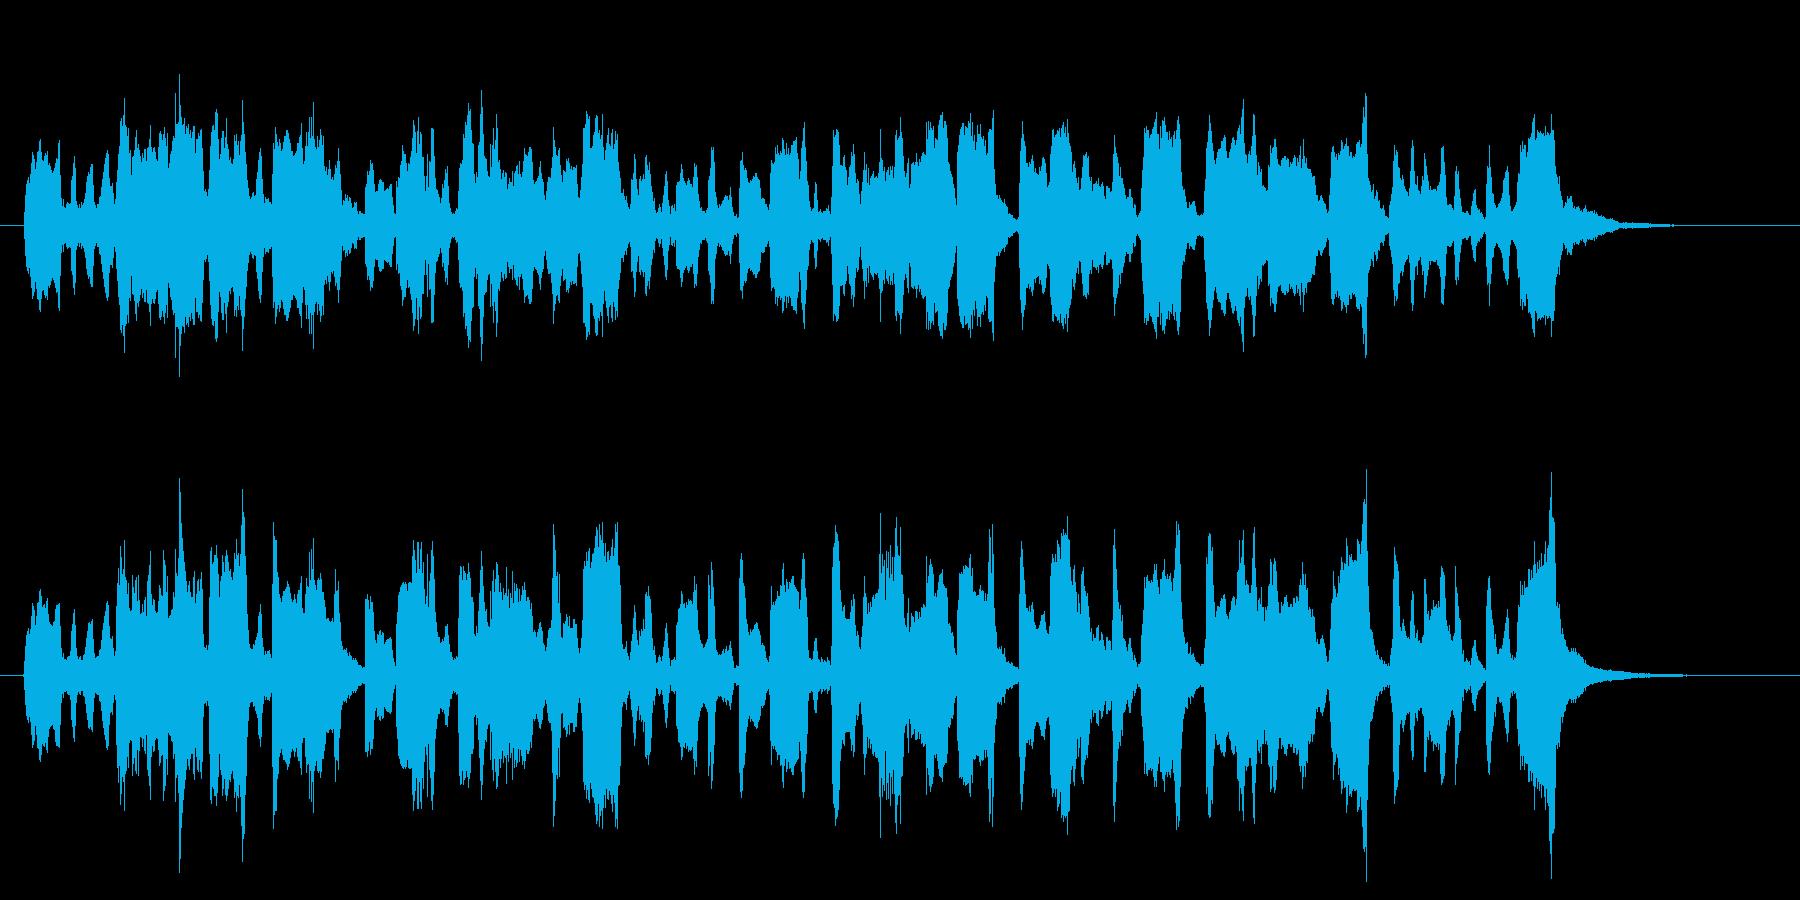 幻想的なバイオリンサウンドの再生済みの波形